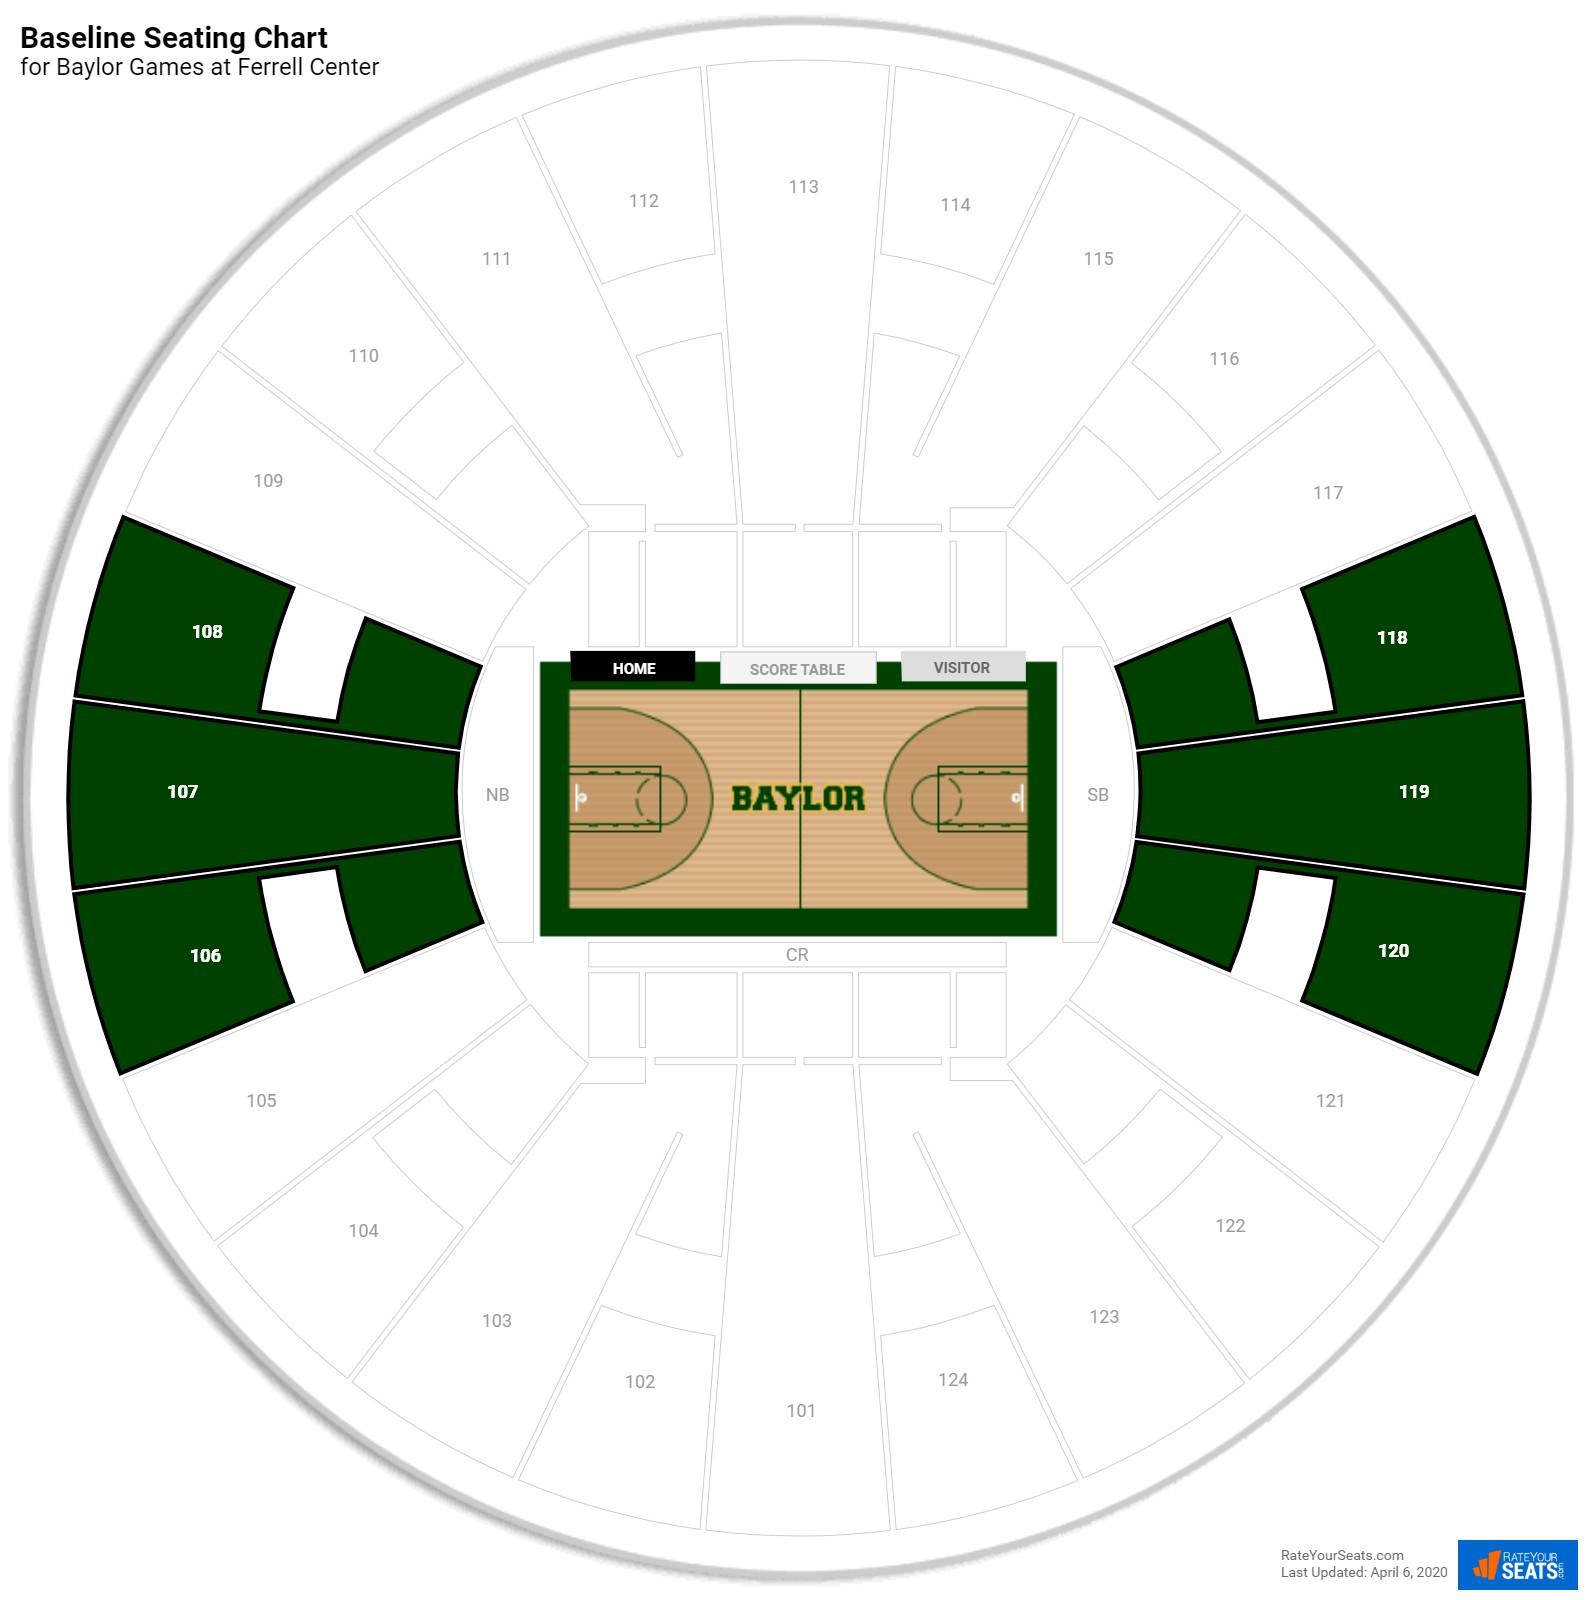 Ferrell Center Baseline Seating Chart